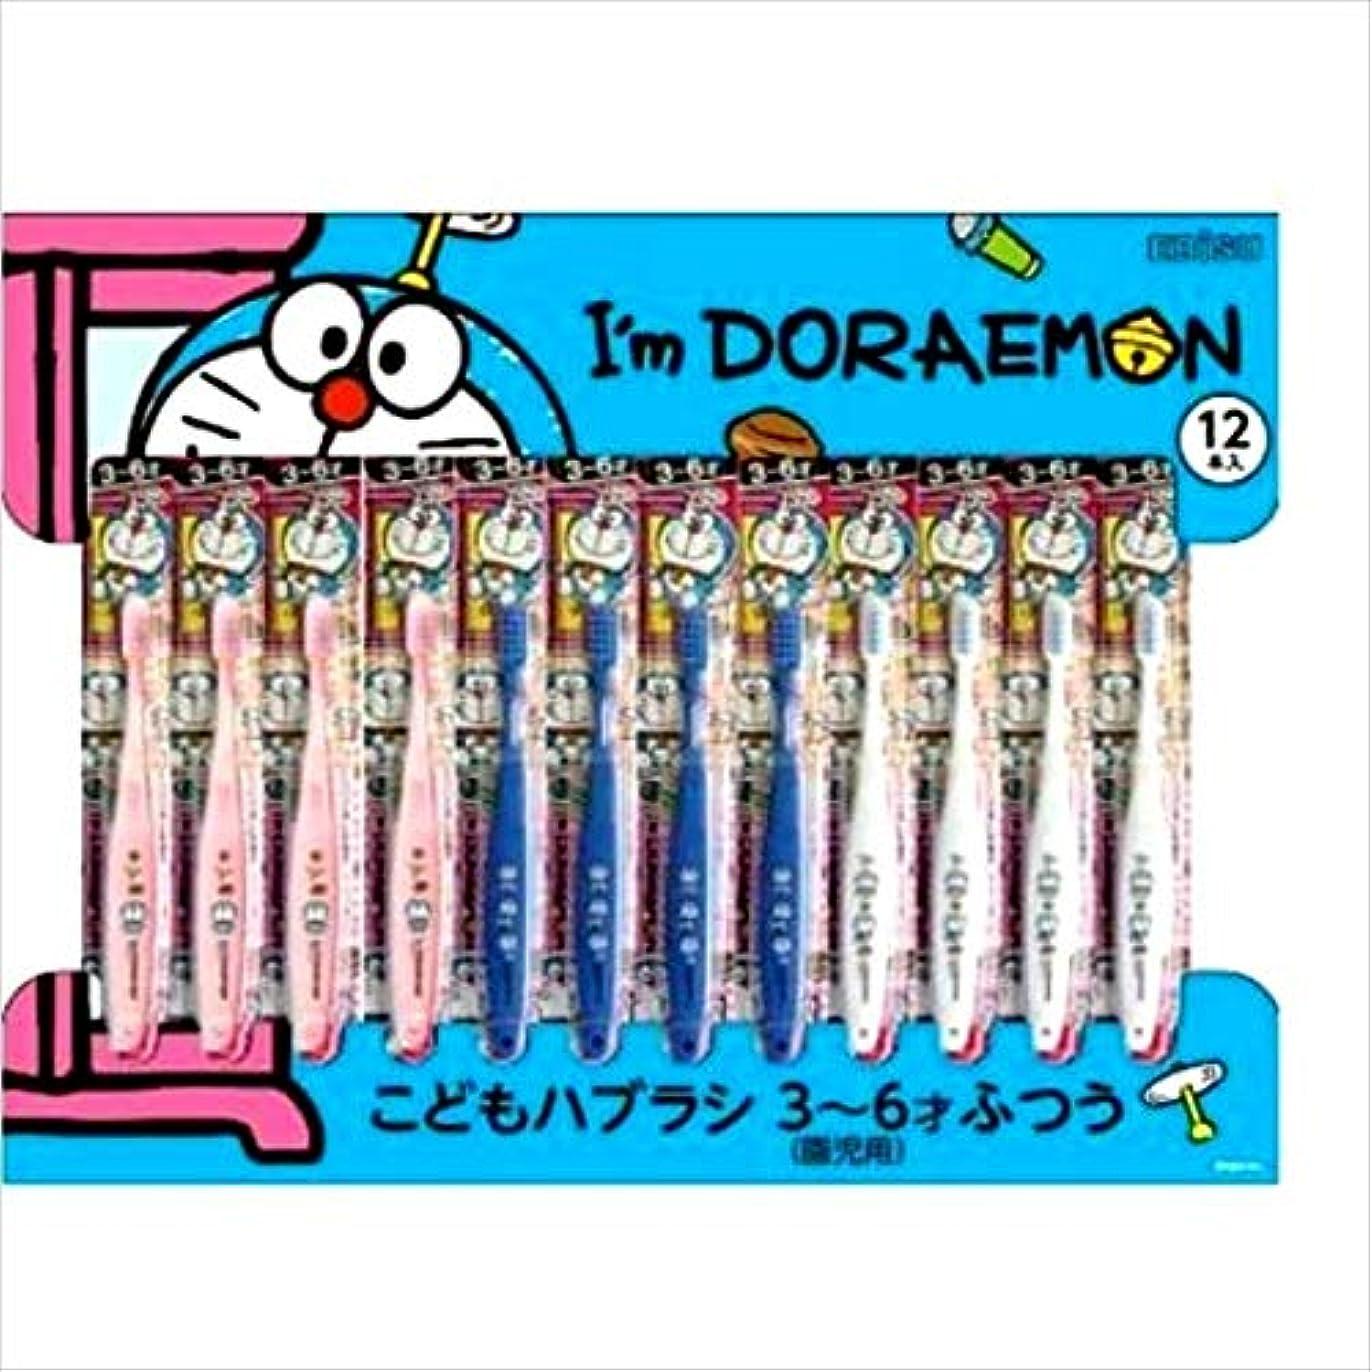 下に向けます評価可能地獄I'M DORAEMON 子供用 歯ブラシ 12本入り